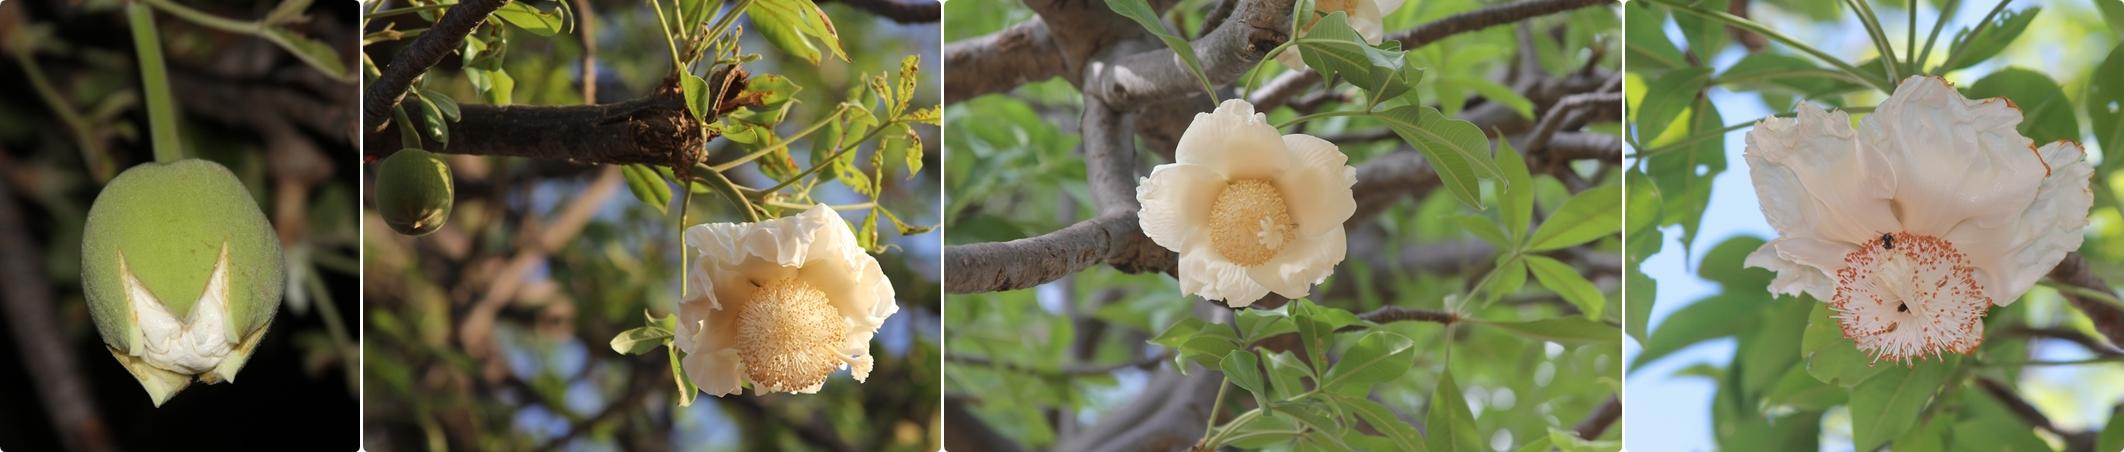 Tis Flowering Season!